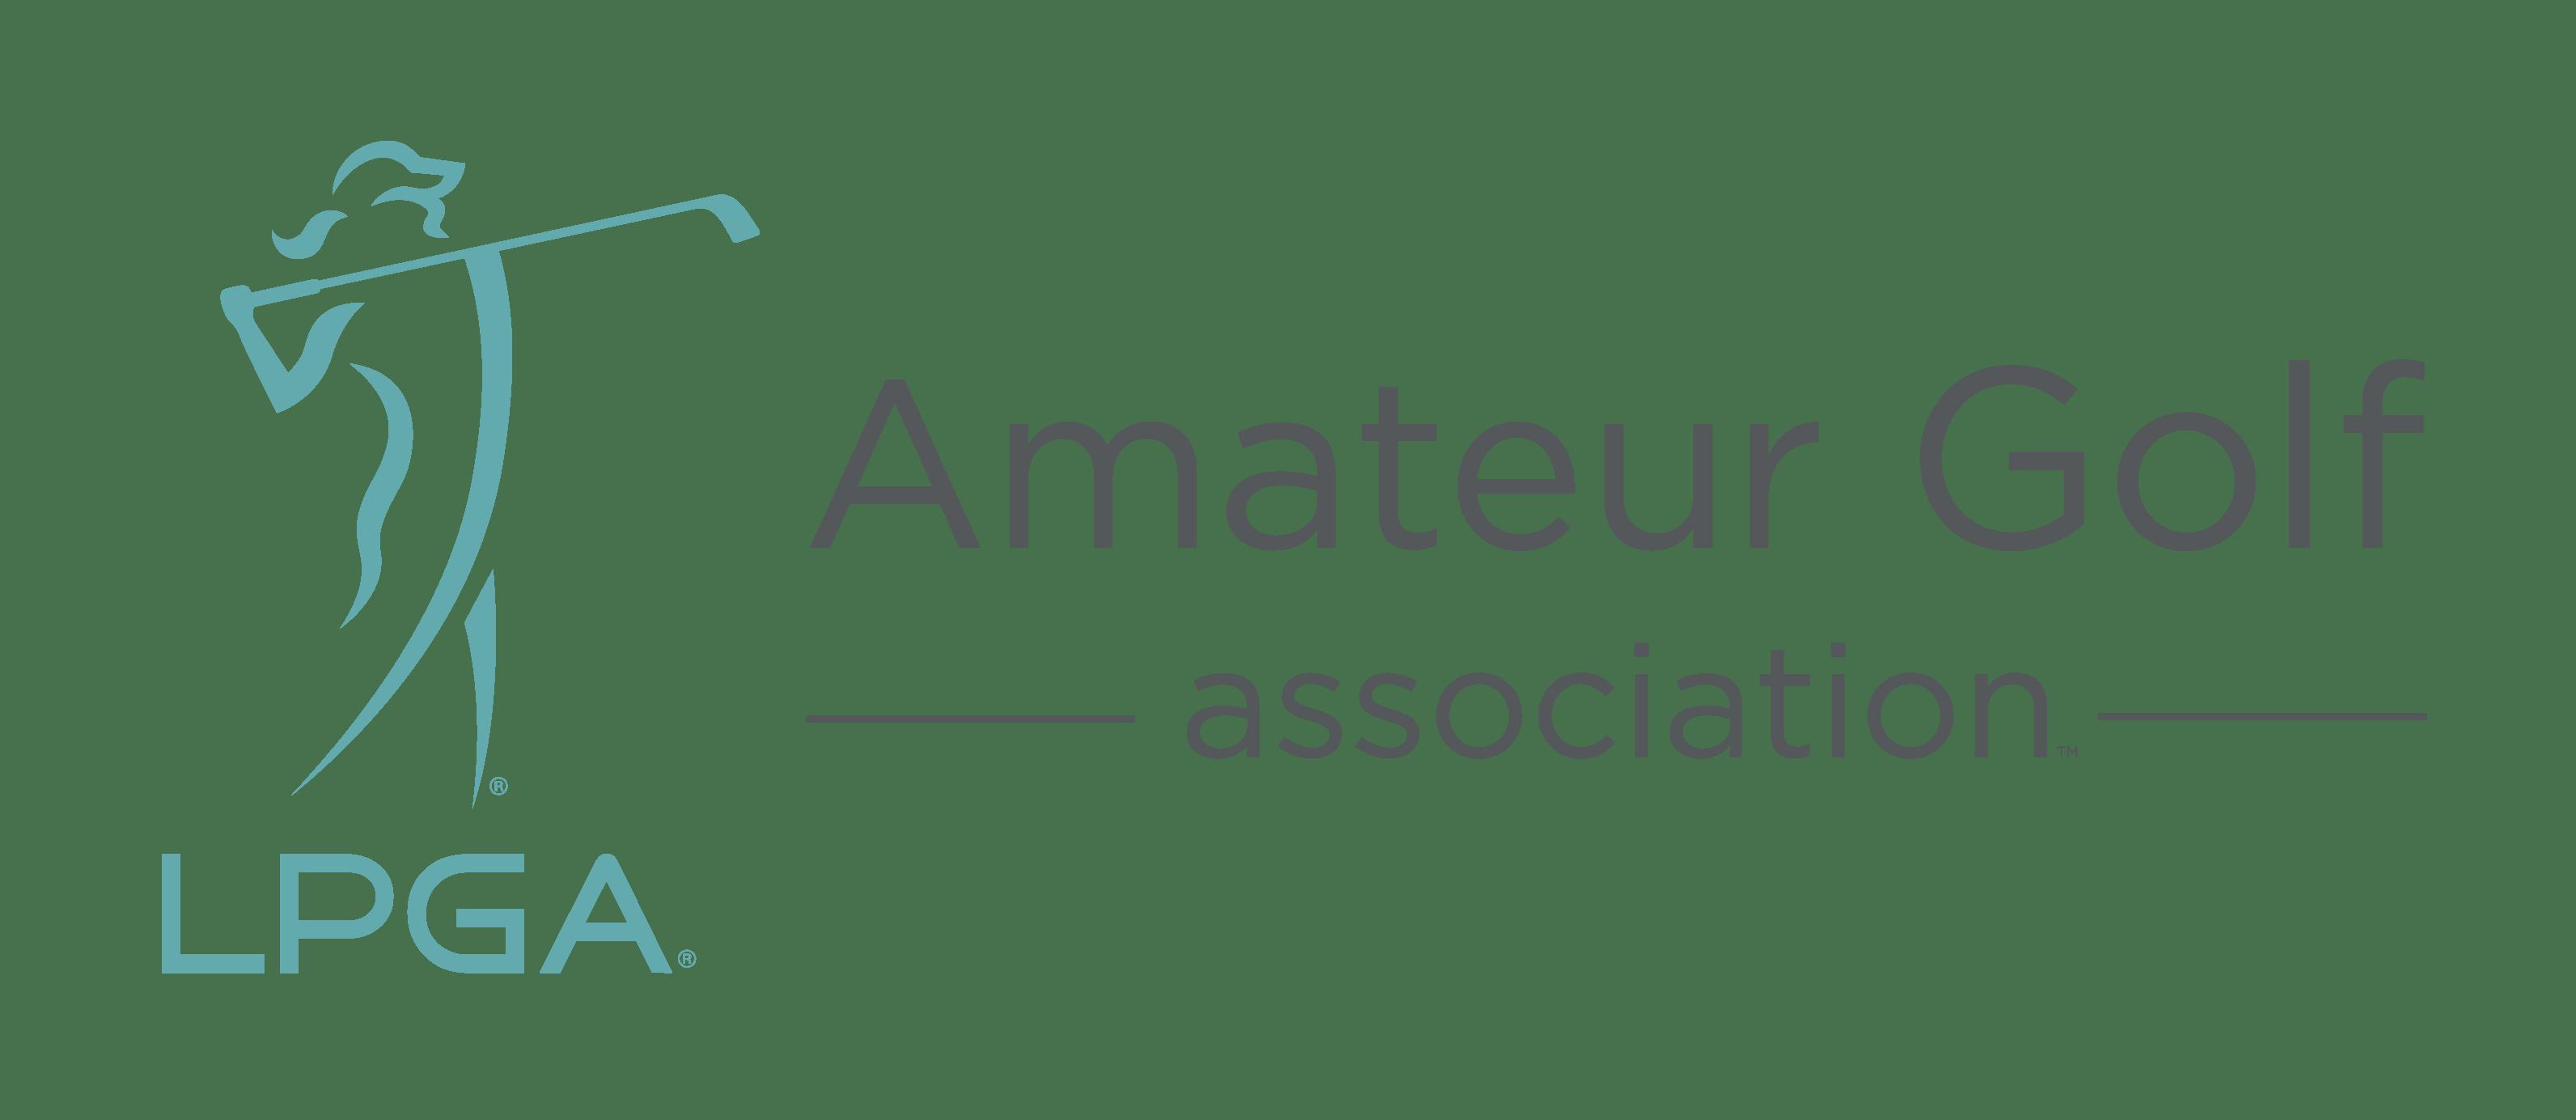 LPGA Amateur Golf Association's Logo